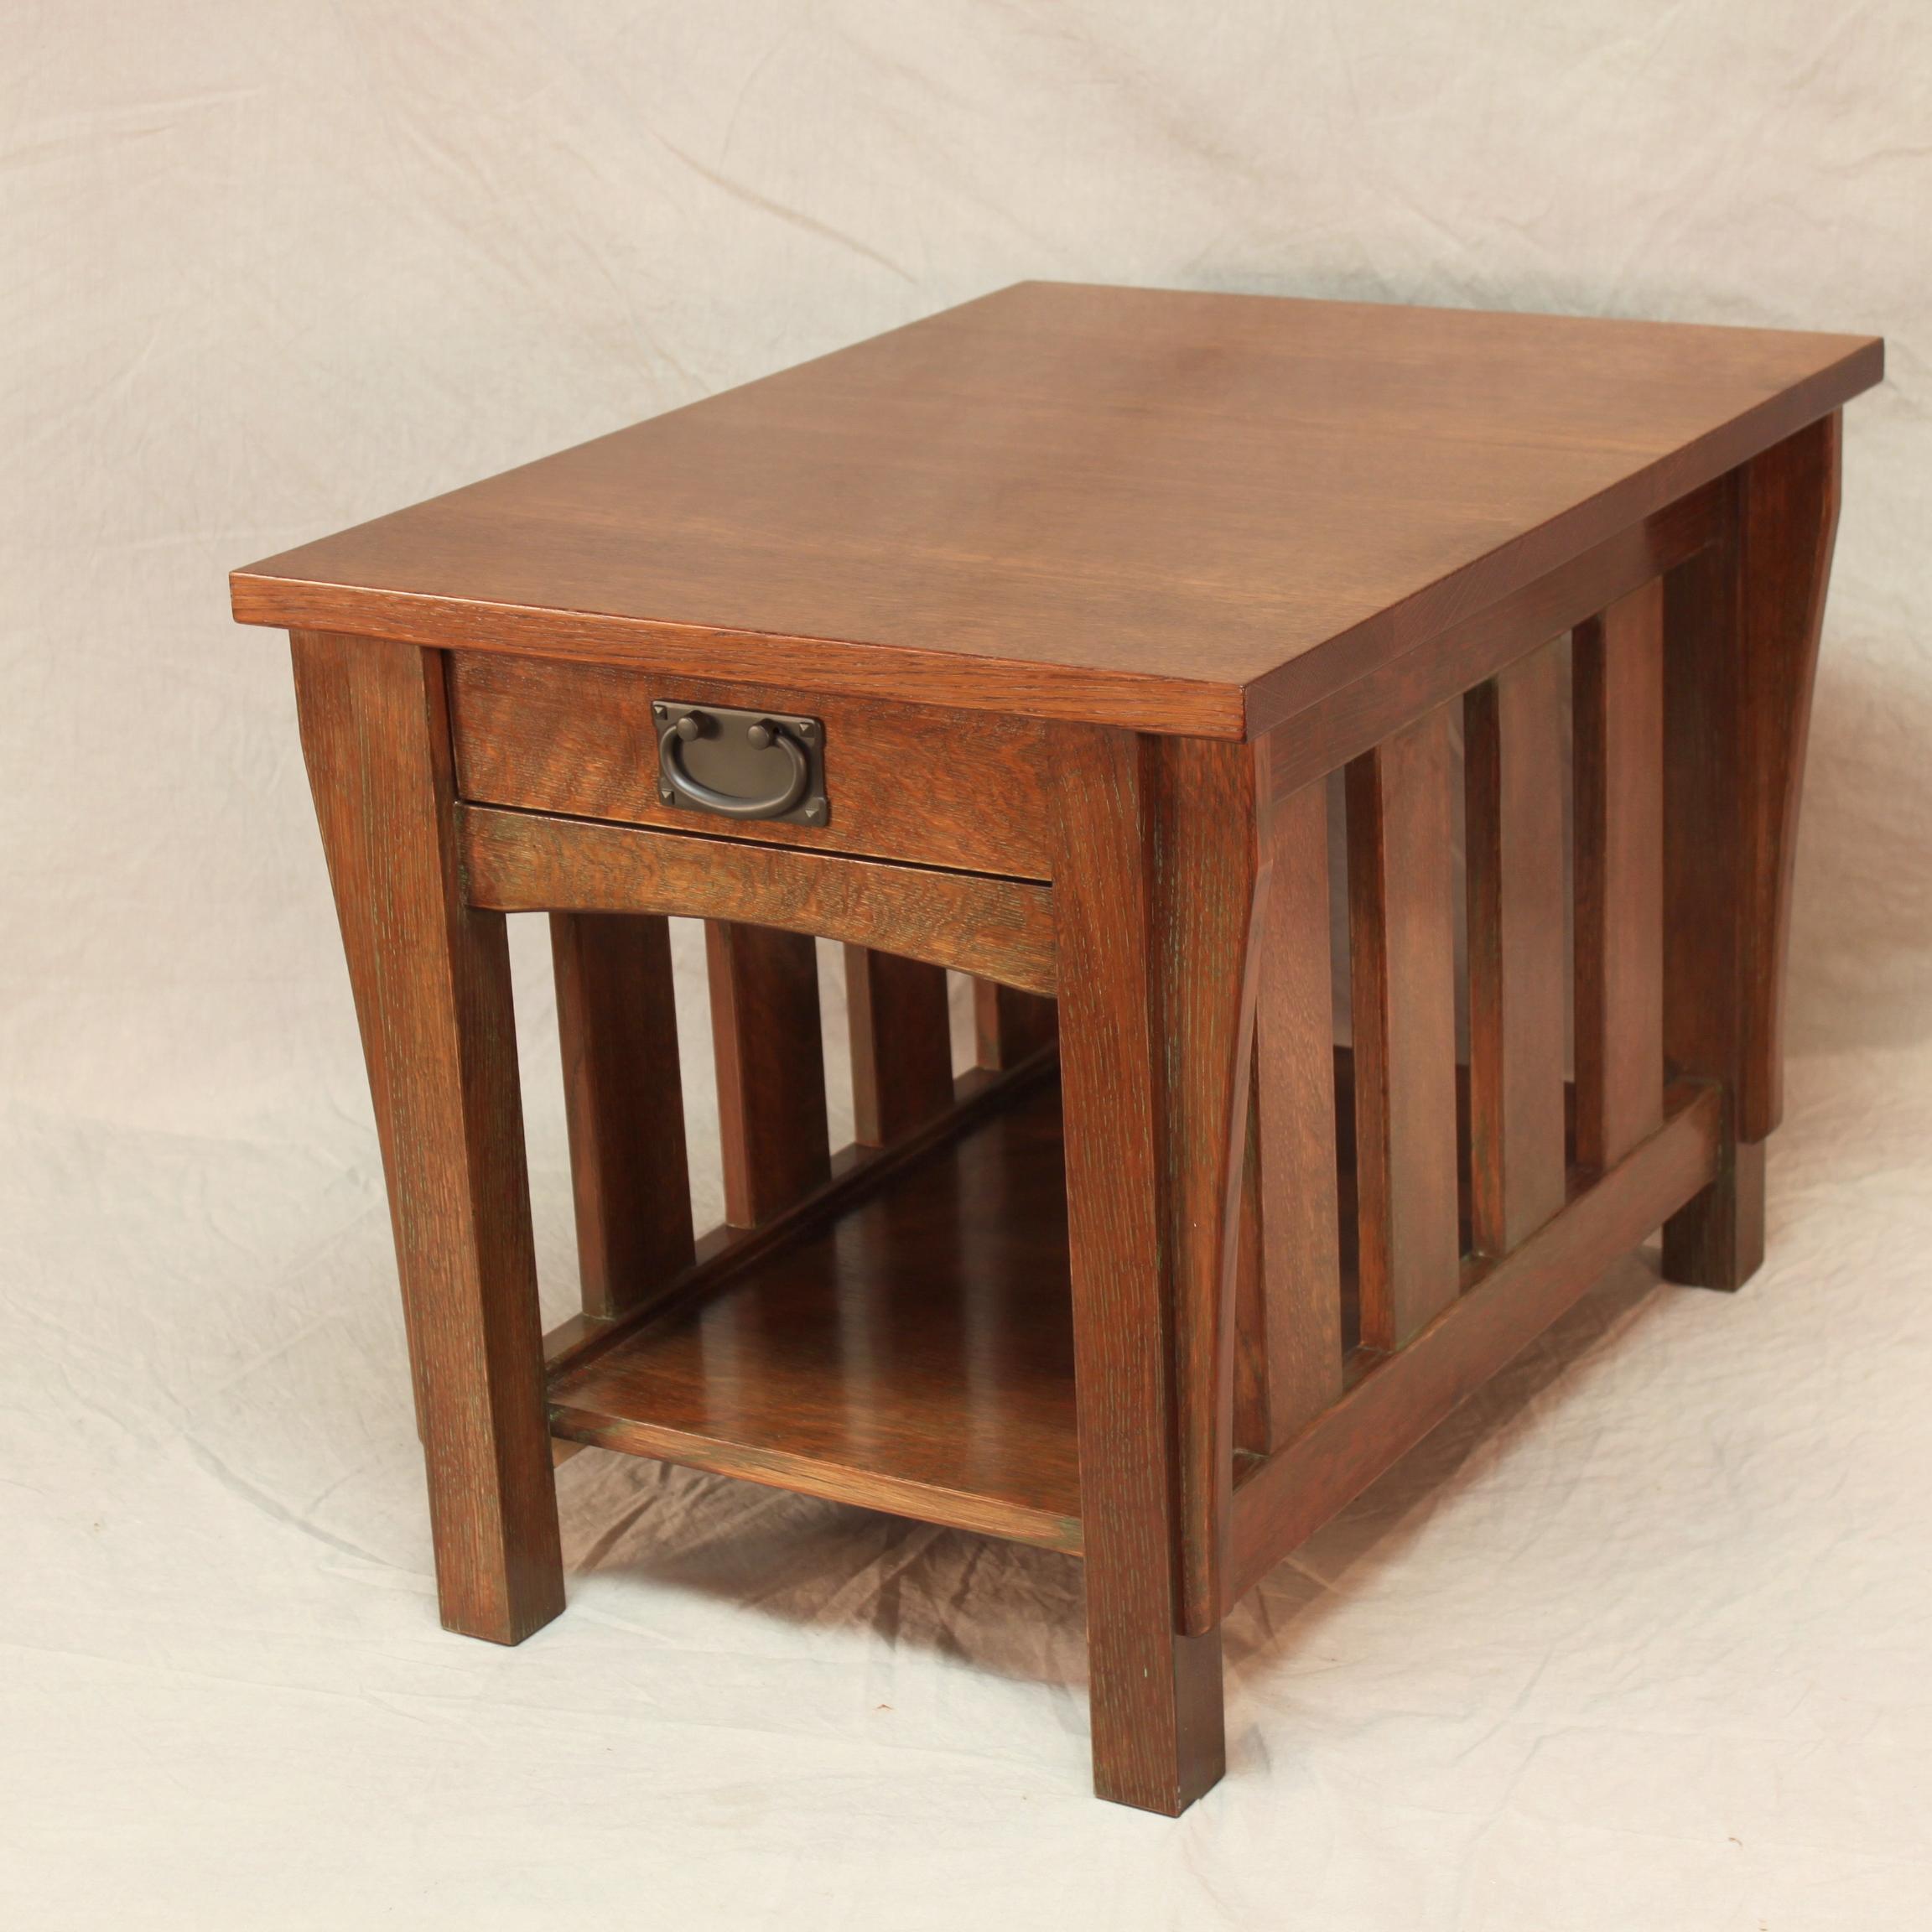 oak end table2.JPG